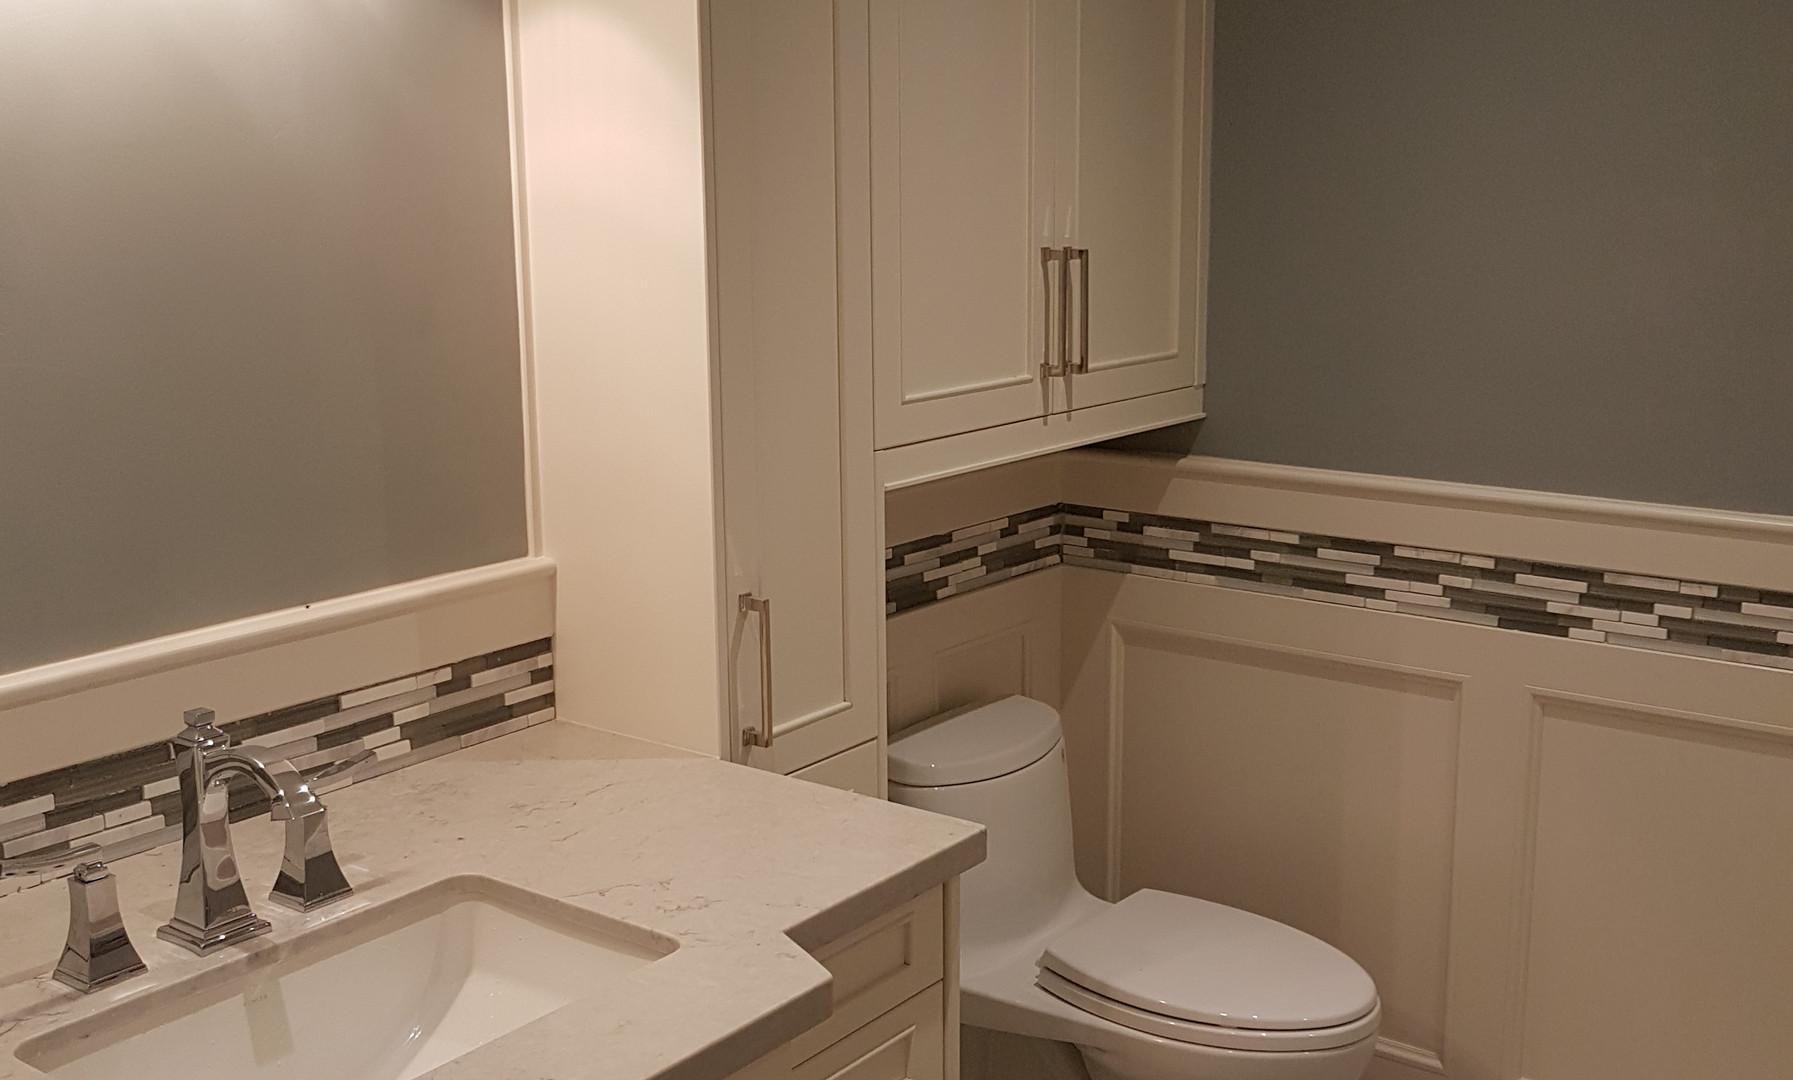 Brock Bathroom Update (2/3)